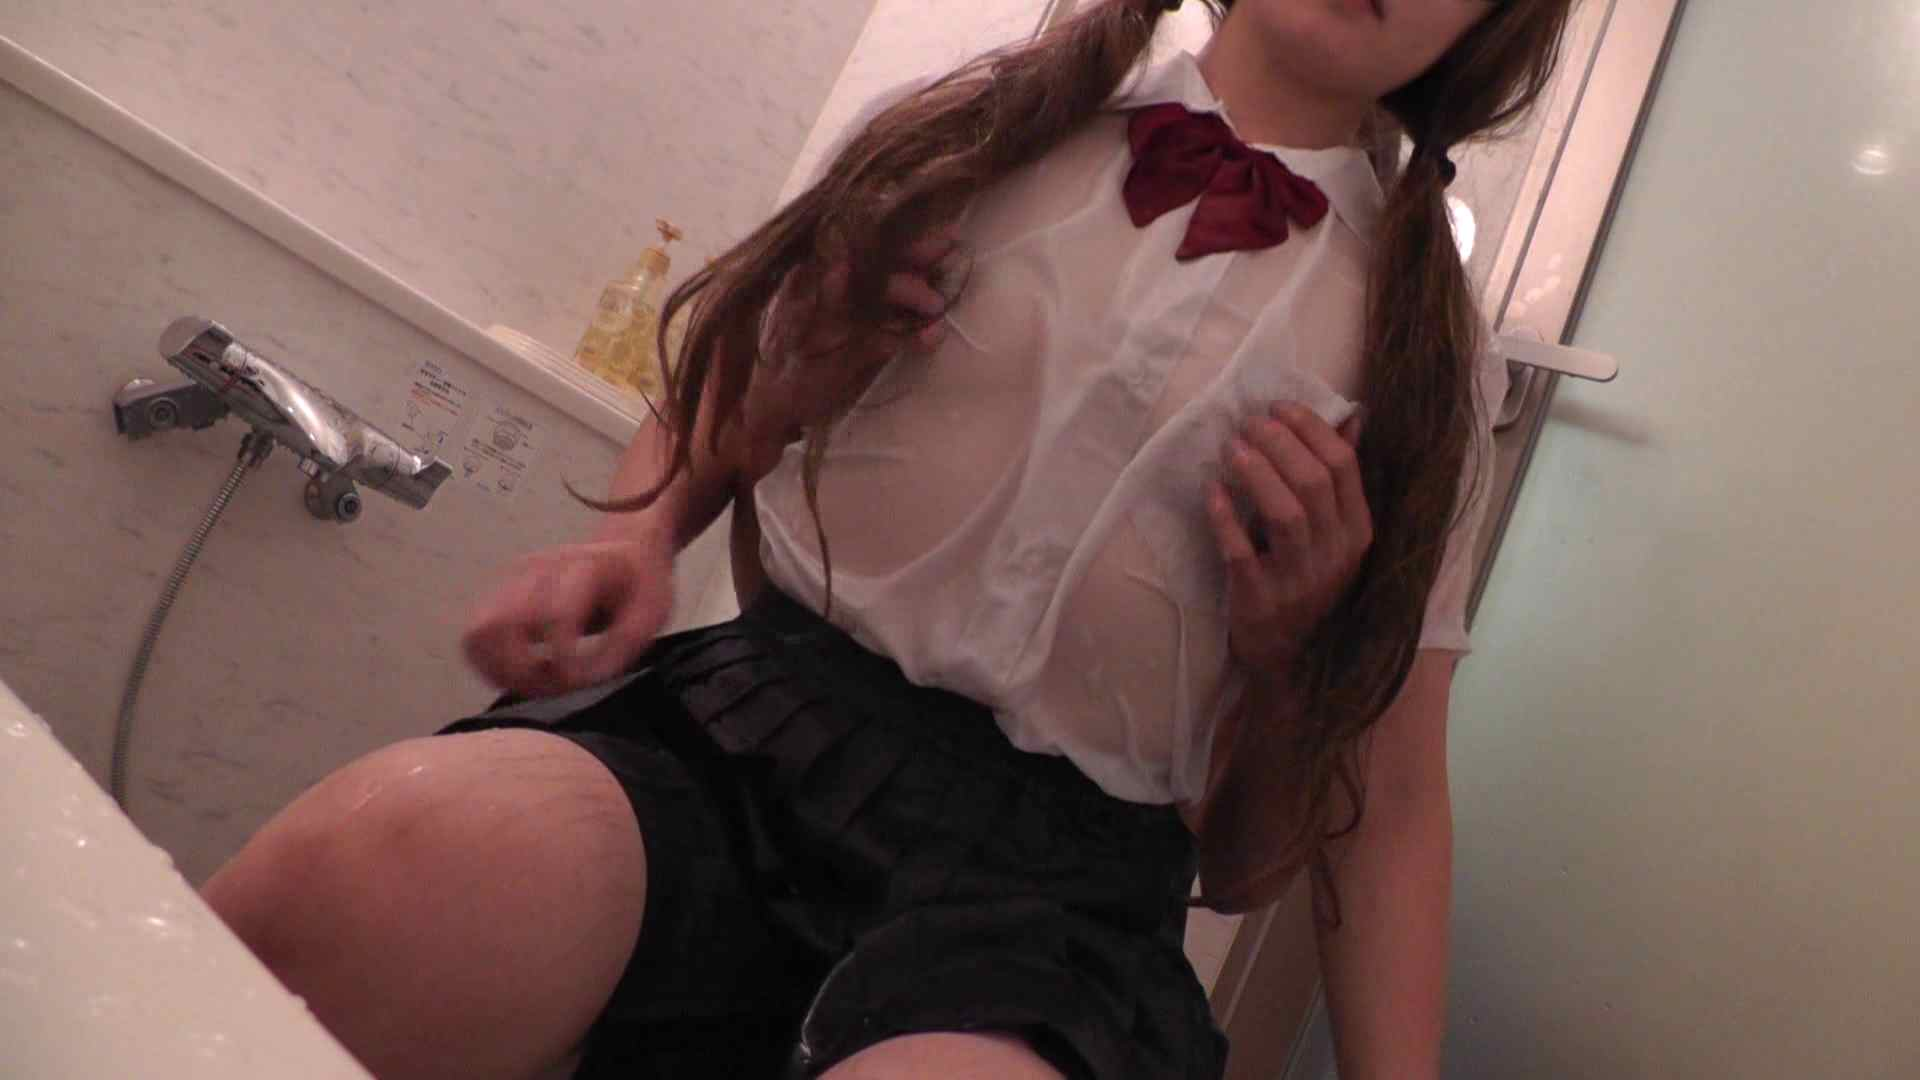 俺推し素人 Bカップ20代人妻現役ナース久美 人妻丸裸 オメコ動画キャプチャ 93pic 63